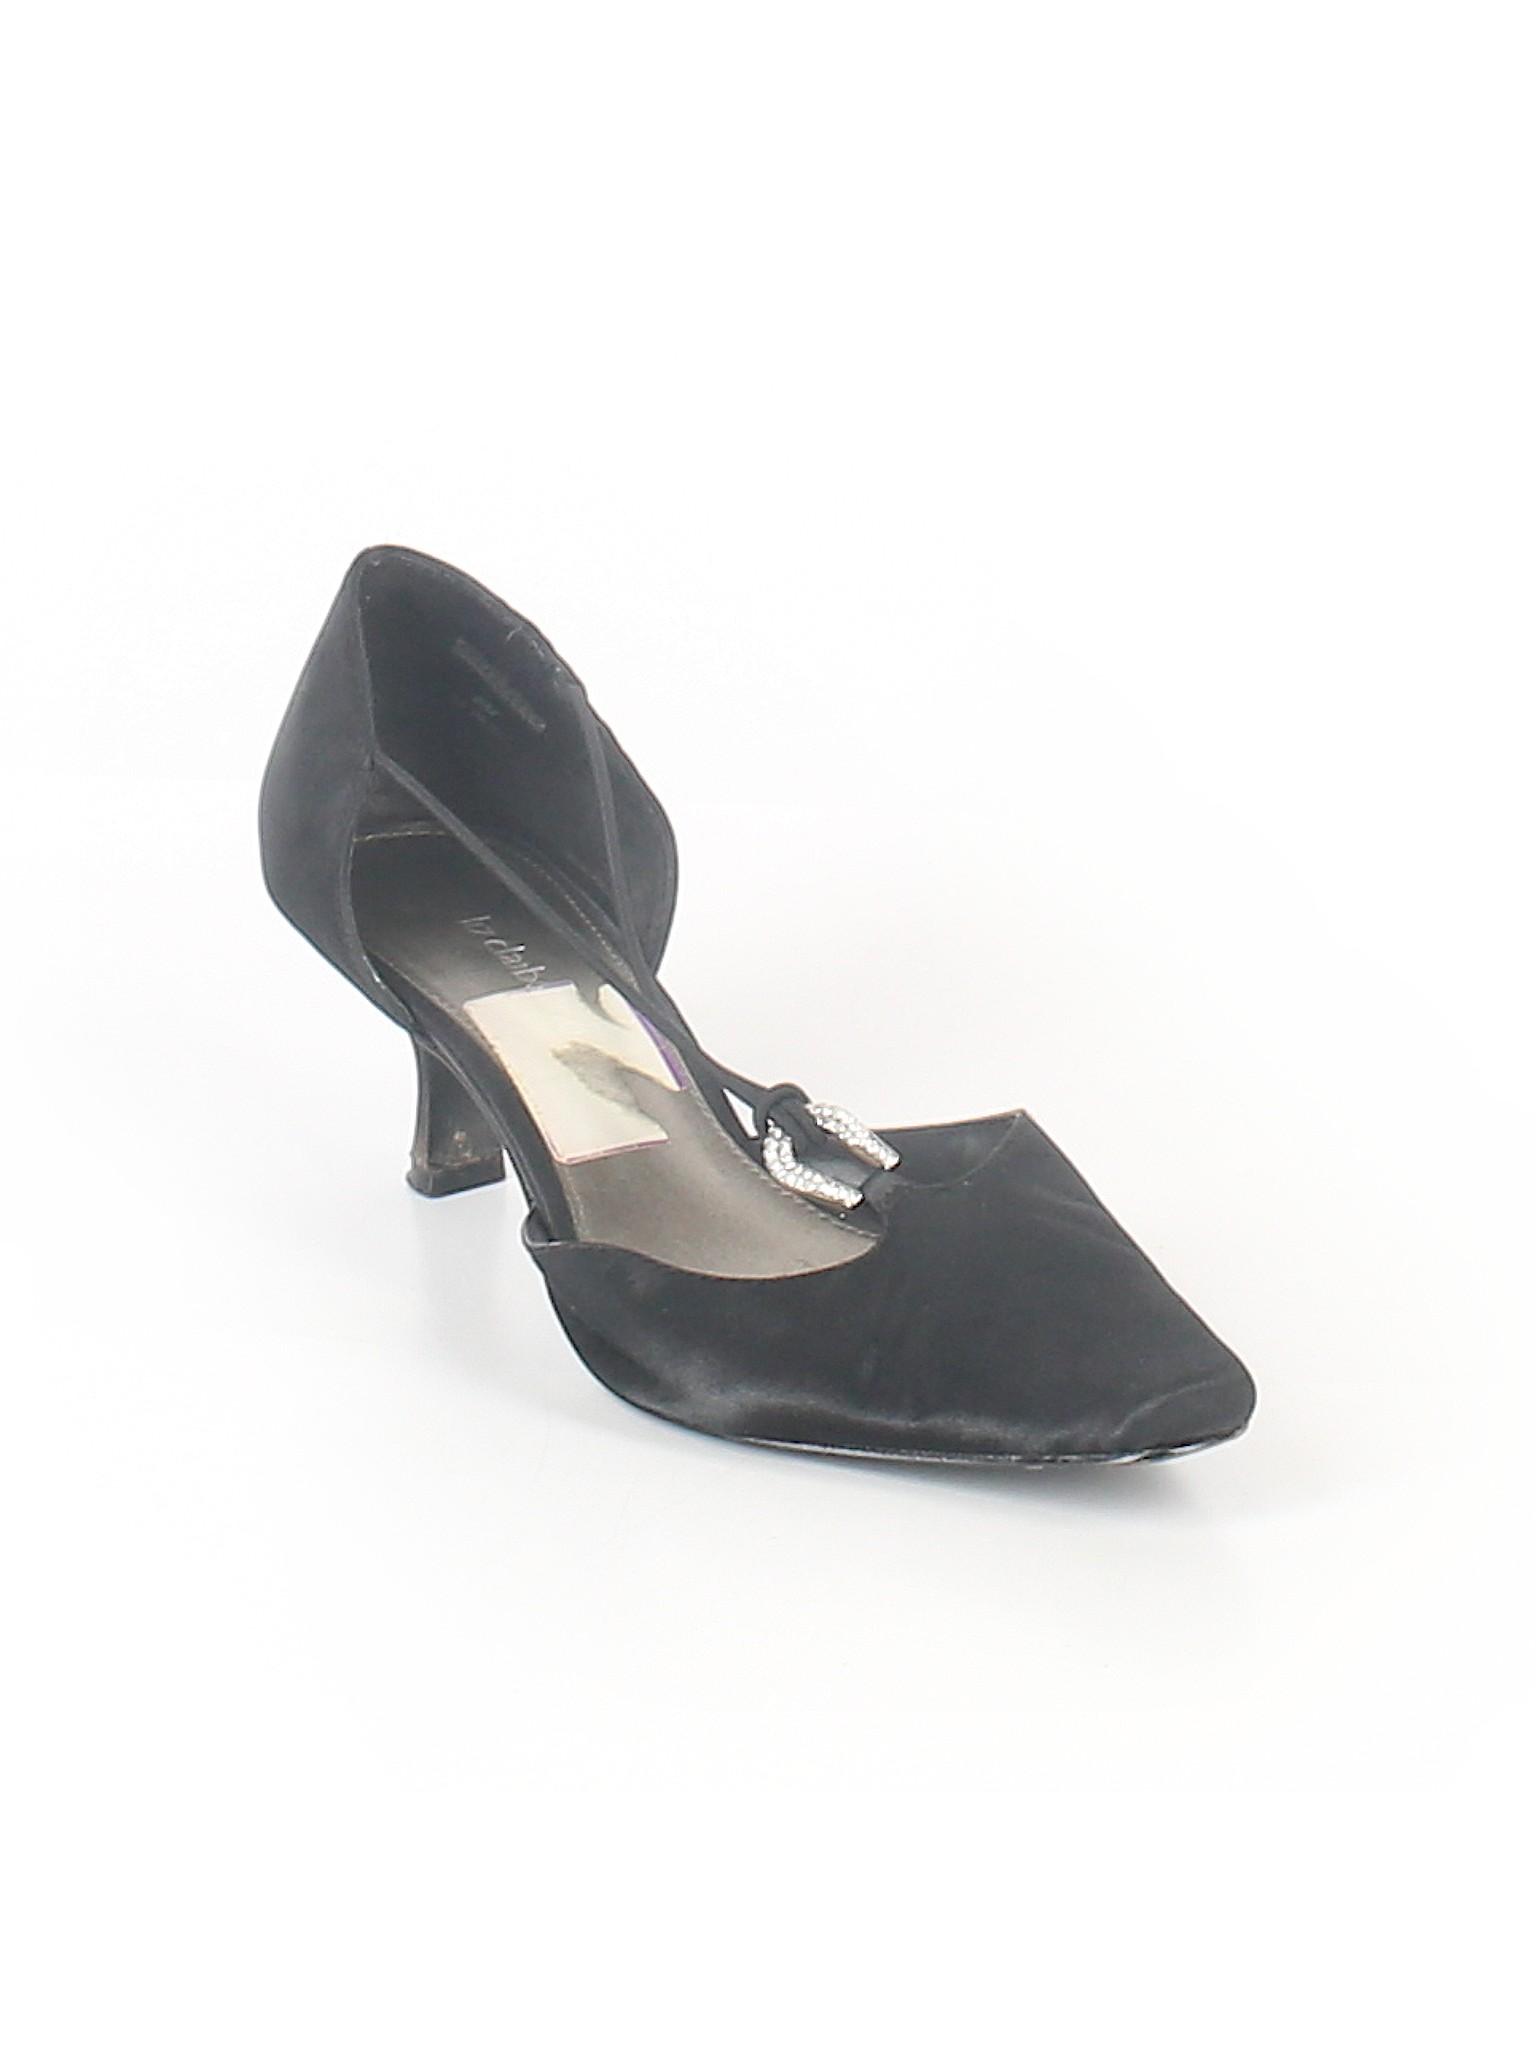 promotion Boutique Claiborne Heels Liz Heels Boutique Claiborne Liz promotion promotion Heels Boutique Claiborne Liz tTFtrO